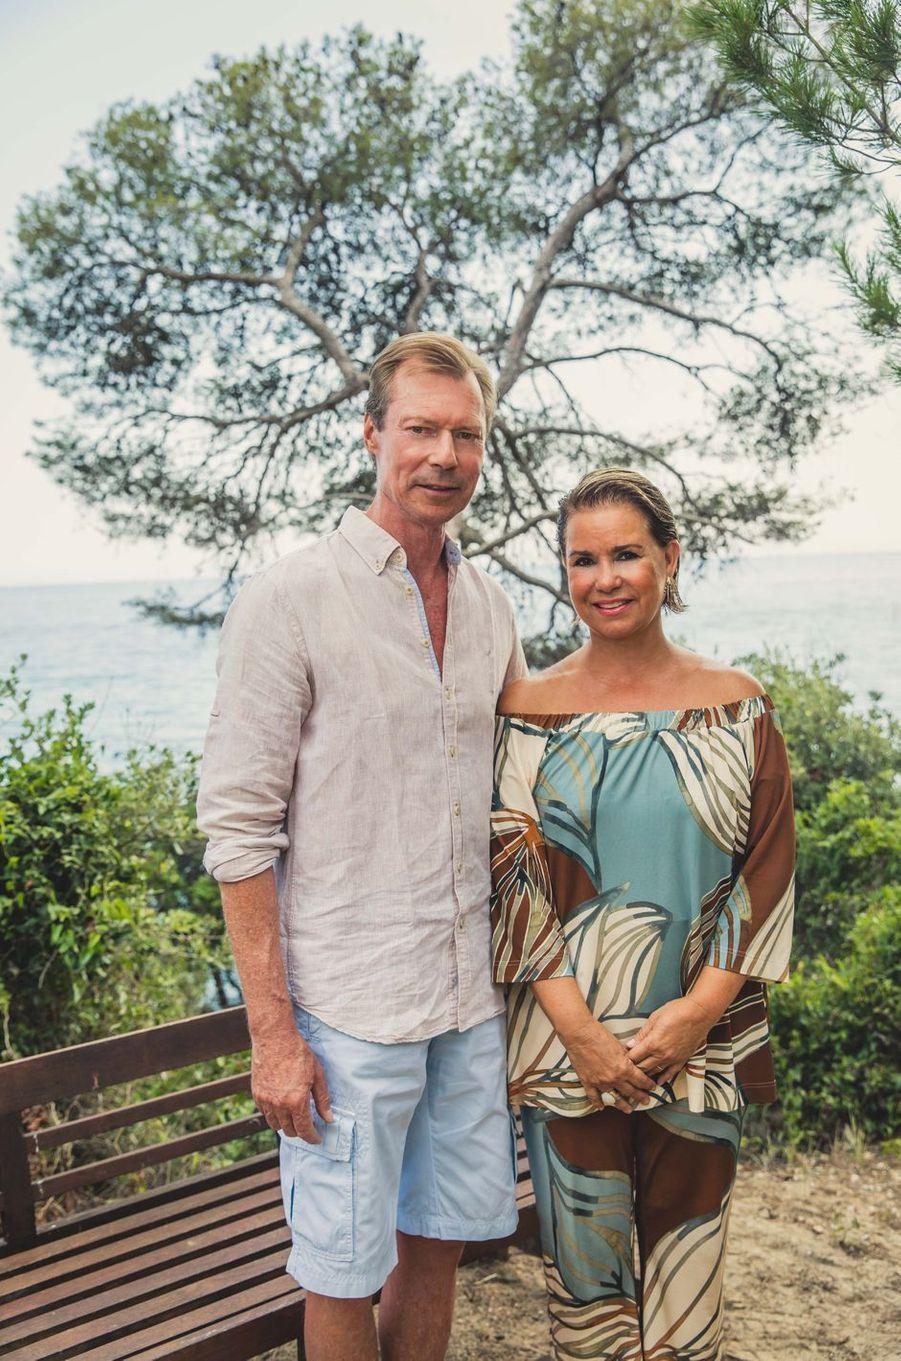 La grande-duchesse Maria Teresa et le grand-duc Henri de Luxembourg en vacances à Cabasson. Photo diffusée le 8 août 2018